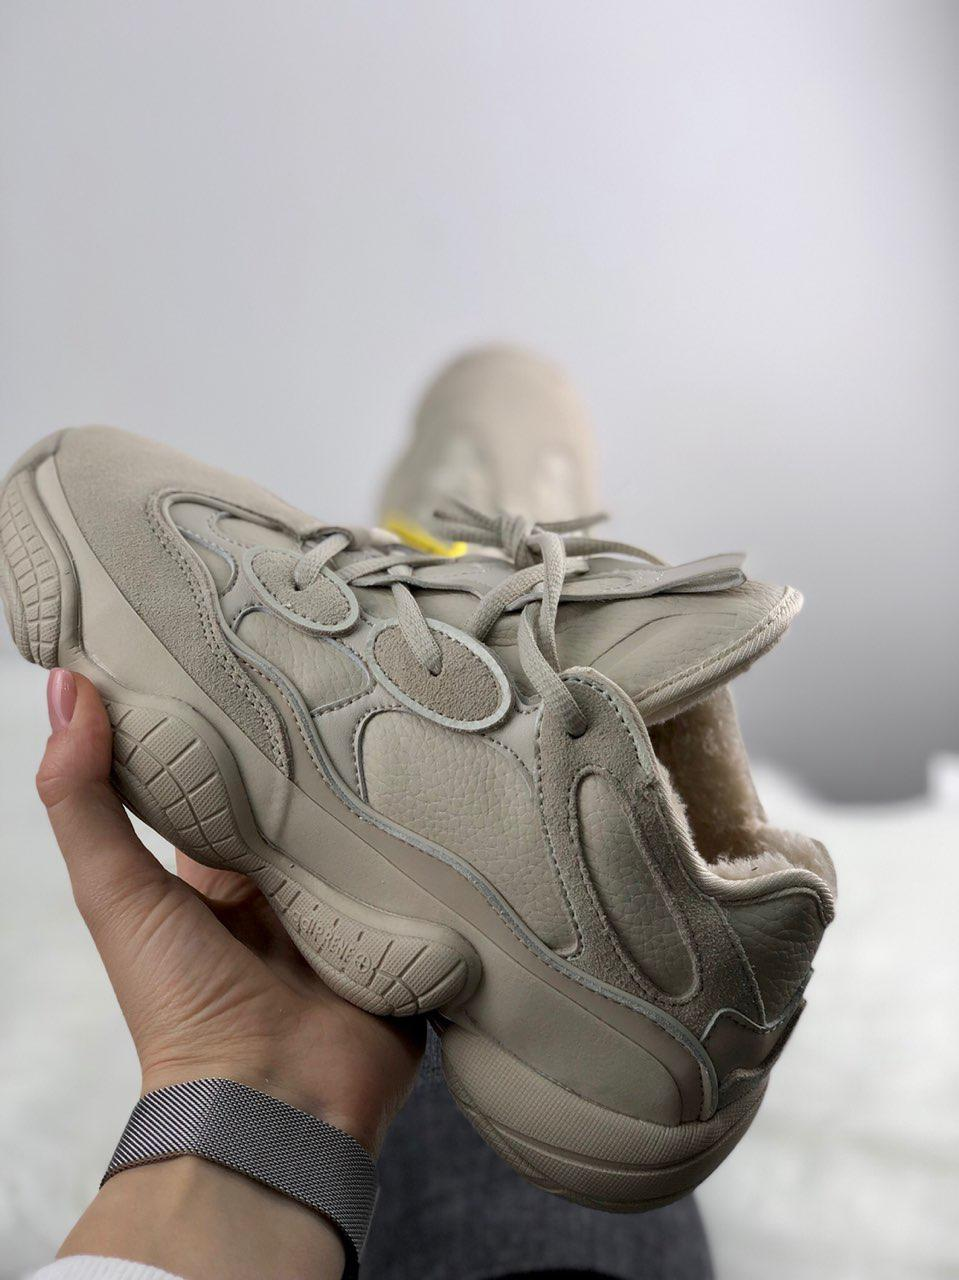 Зимние кроссовки Adidas Yeezy 500 Blush (Мех)